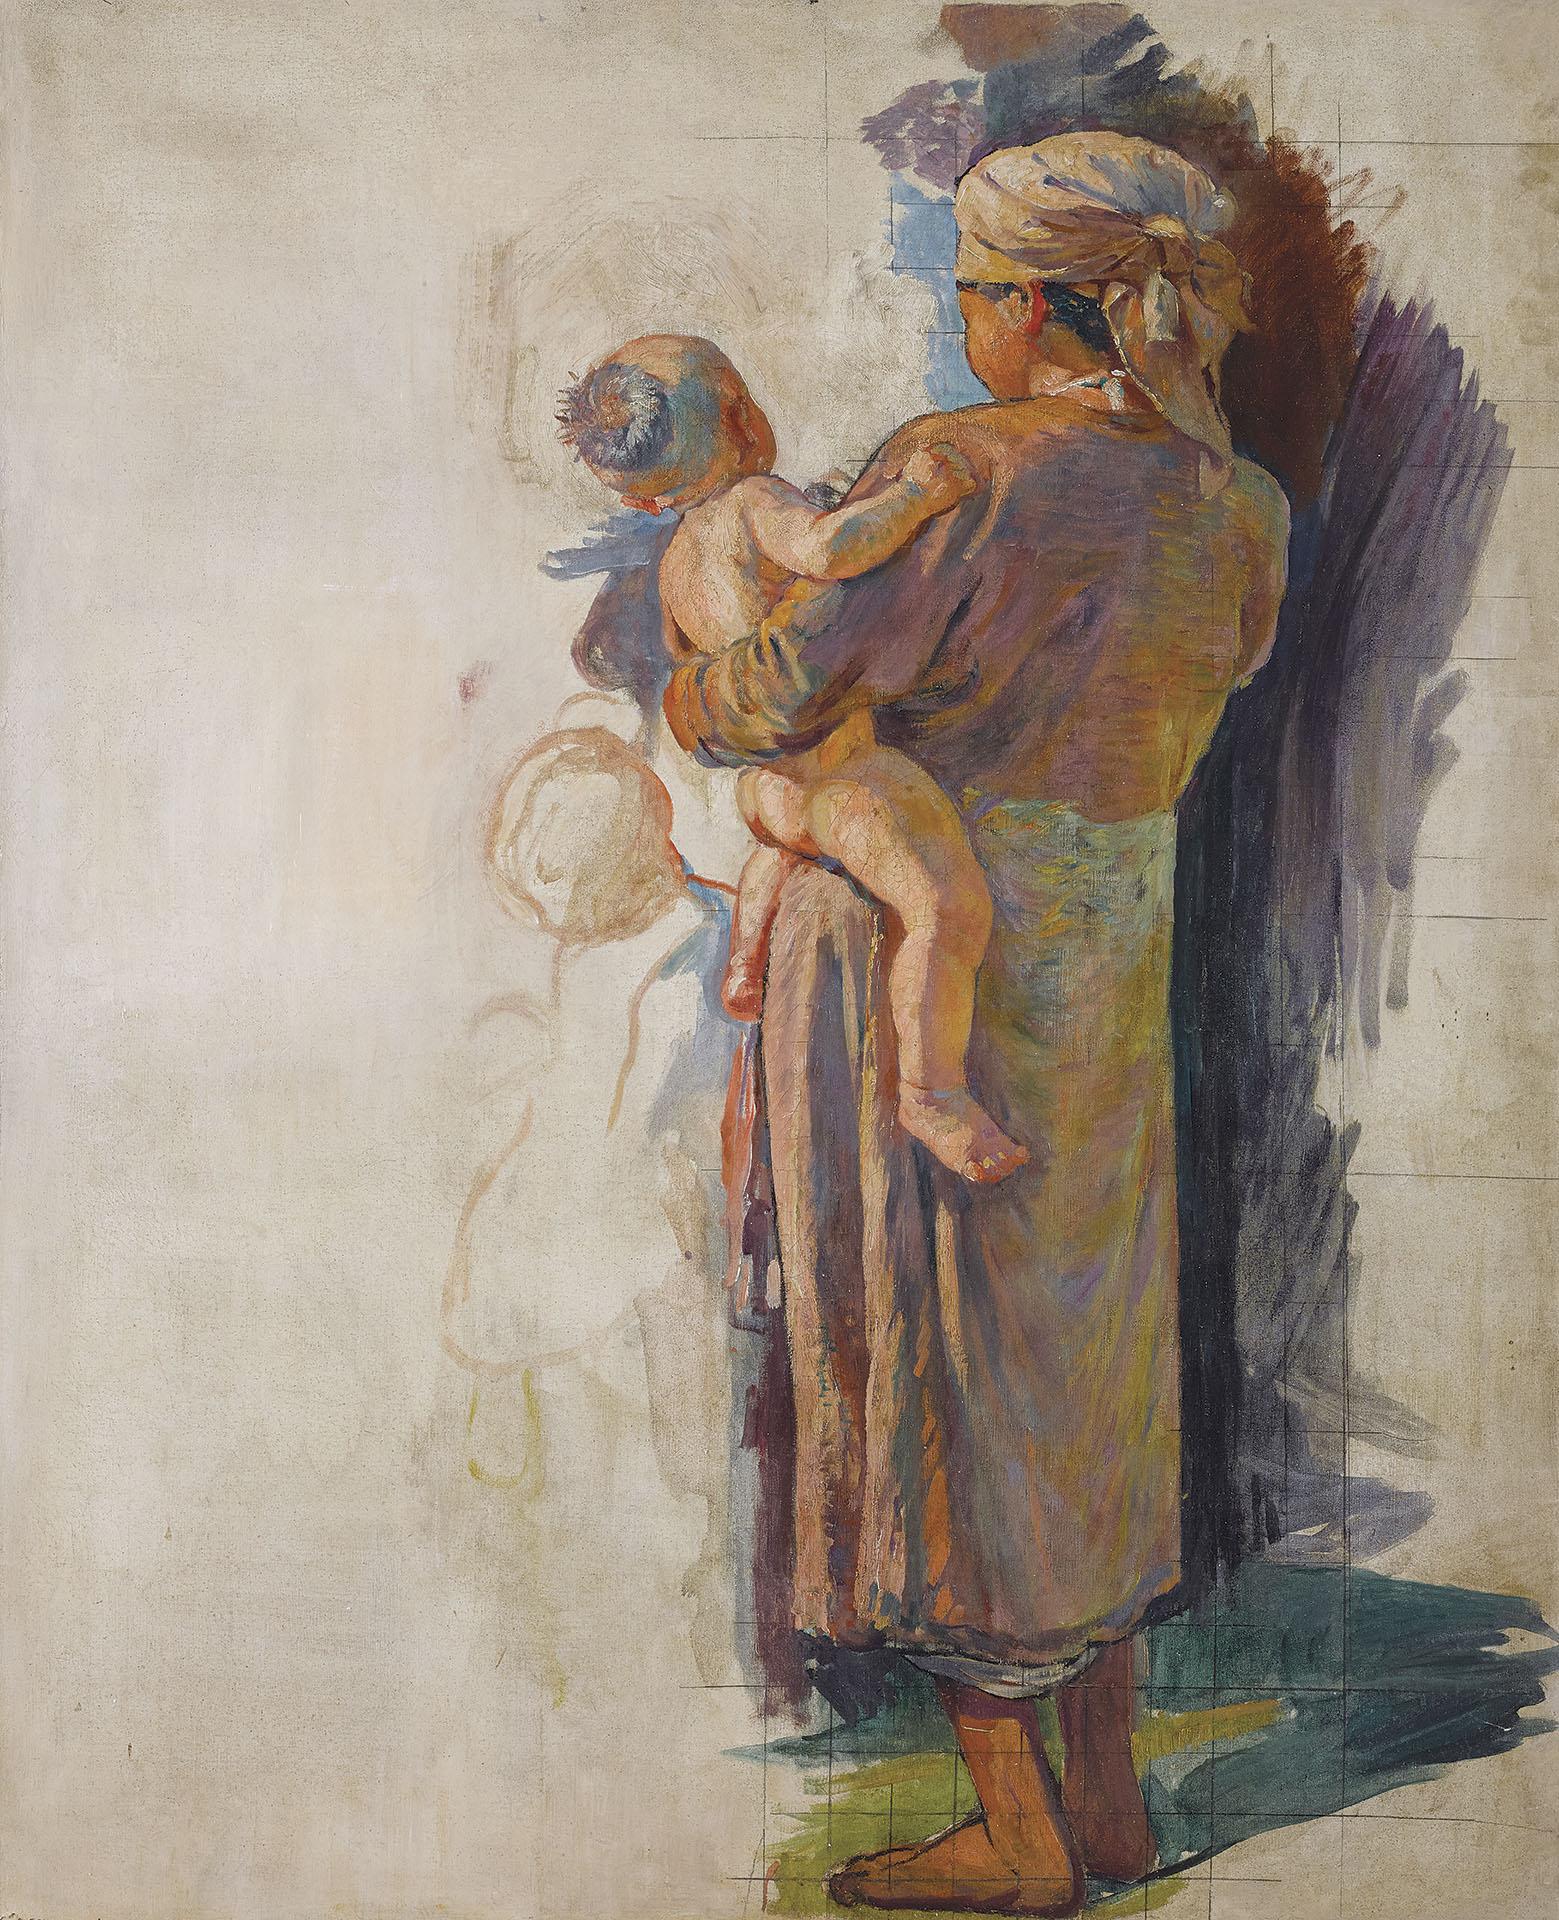 Vietnamienne à l'enfant (Vietnamese Mother and Child)